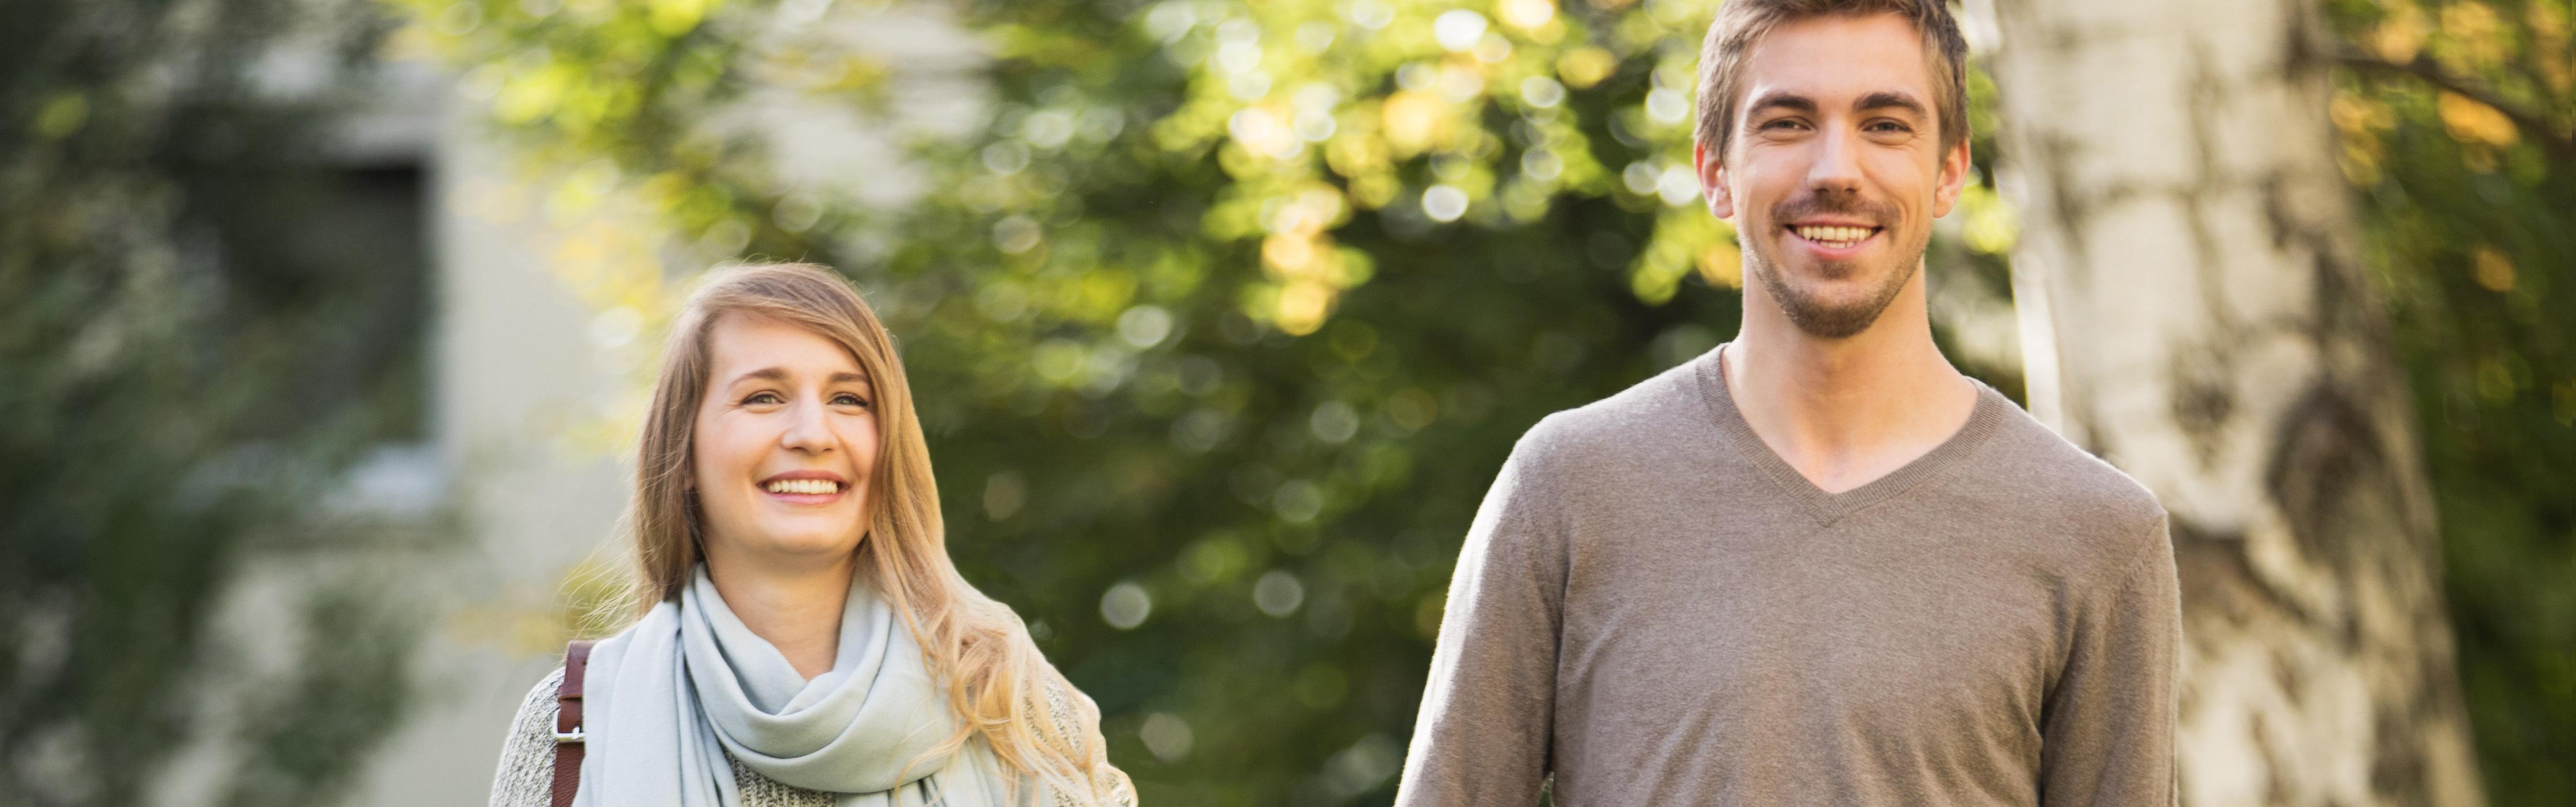 Junges Paar lächelt zufrieden über Haushaltsoptimierung